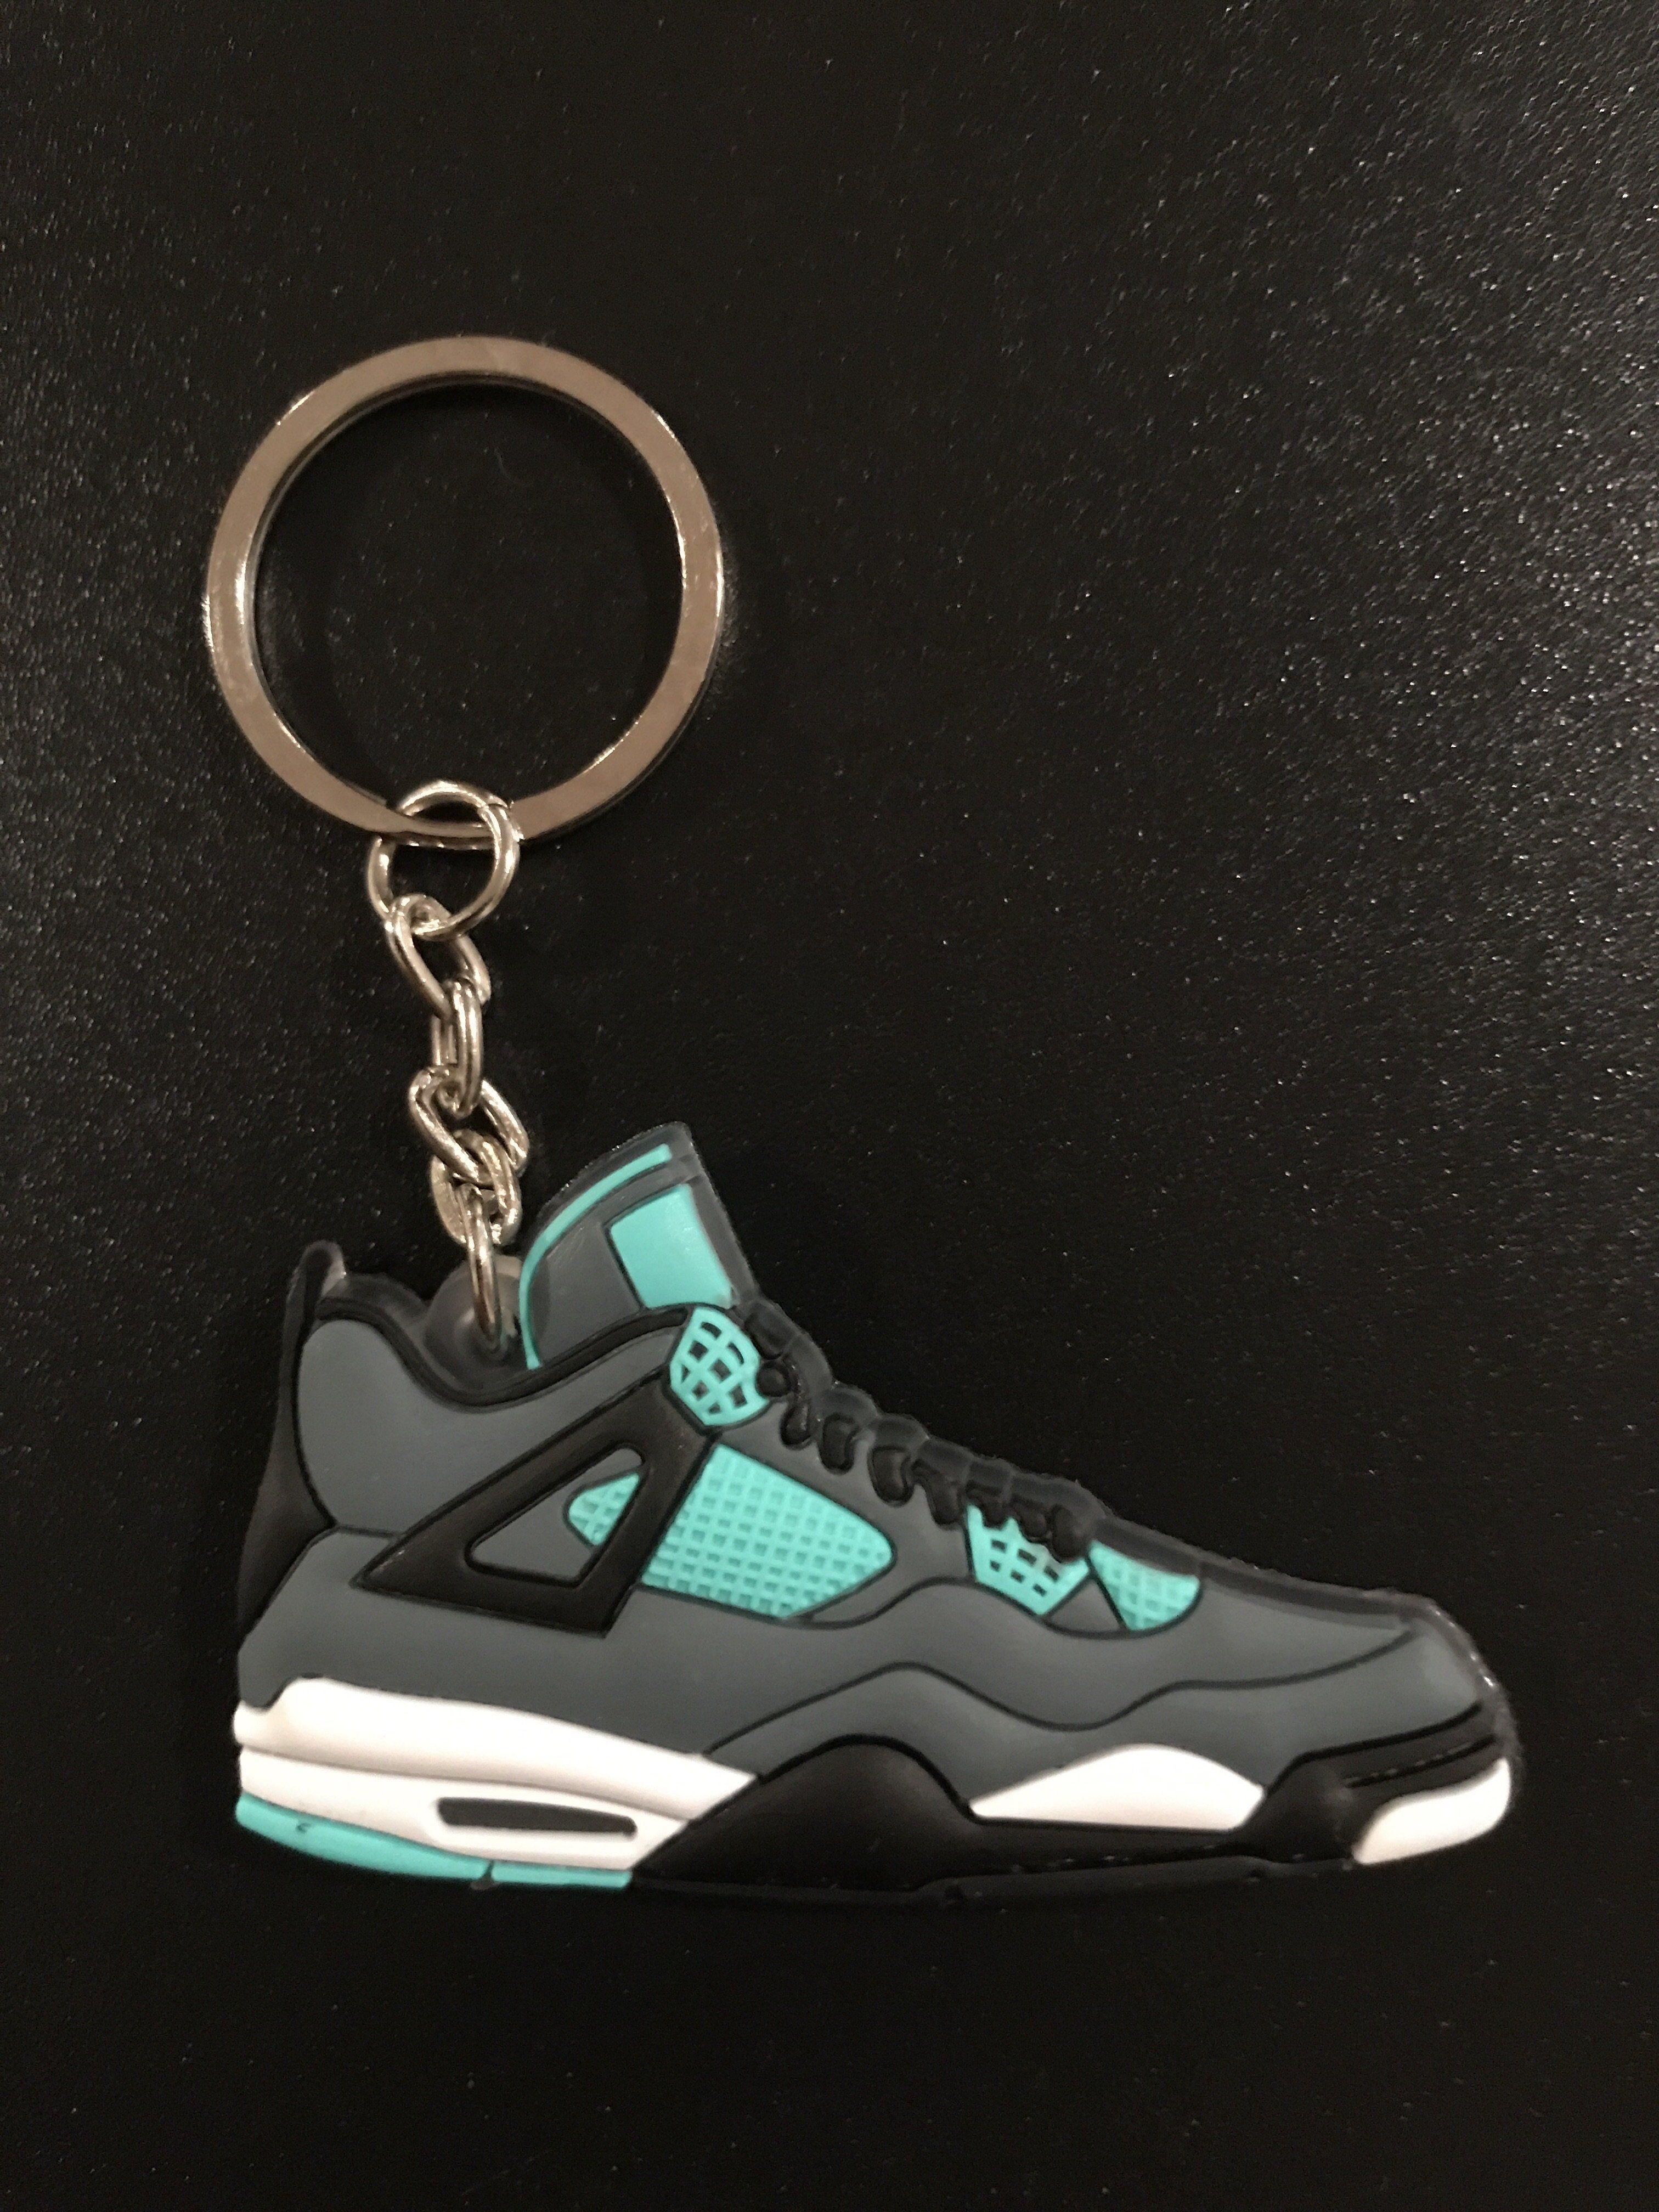 e944a836330050 Jordan 4 Retro